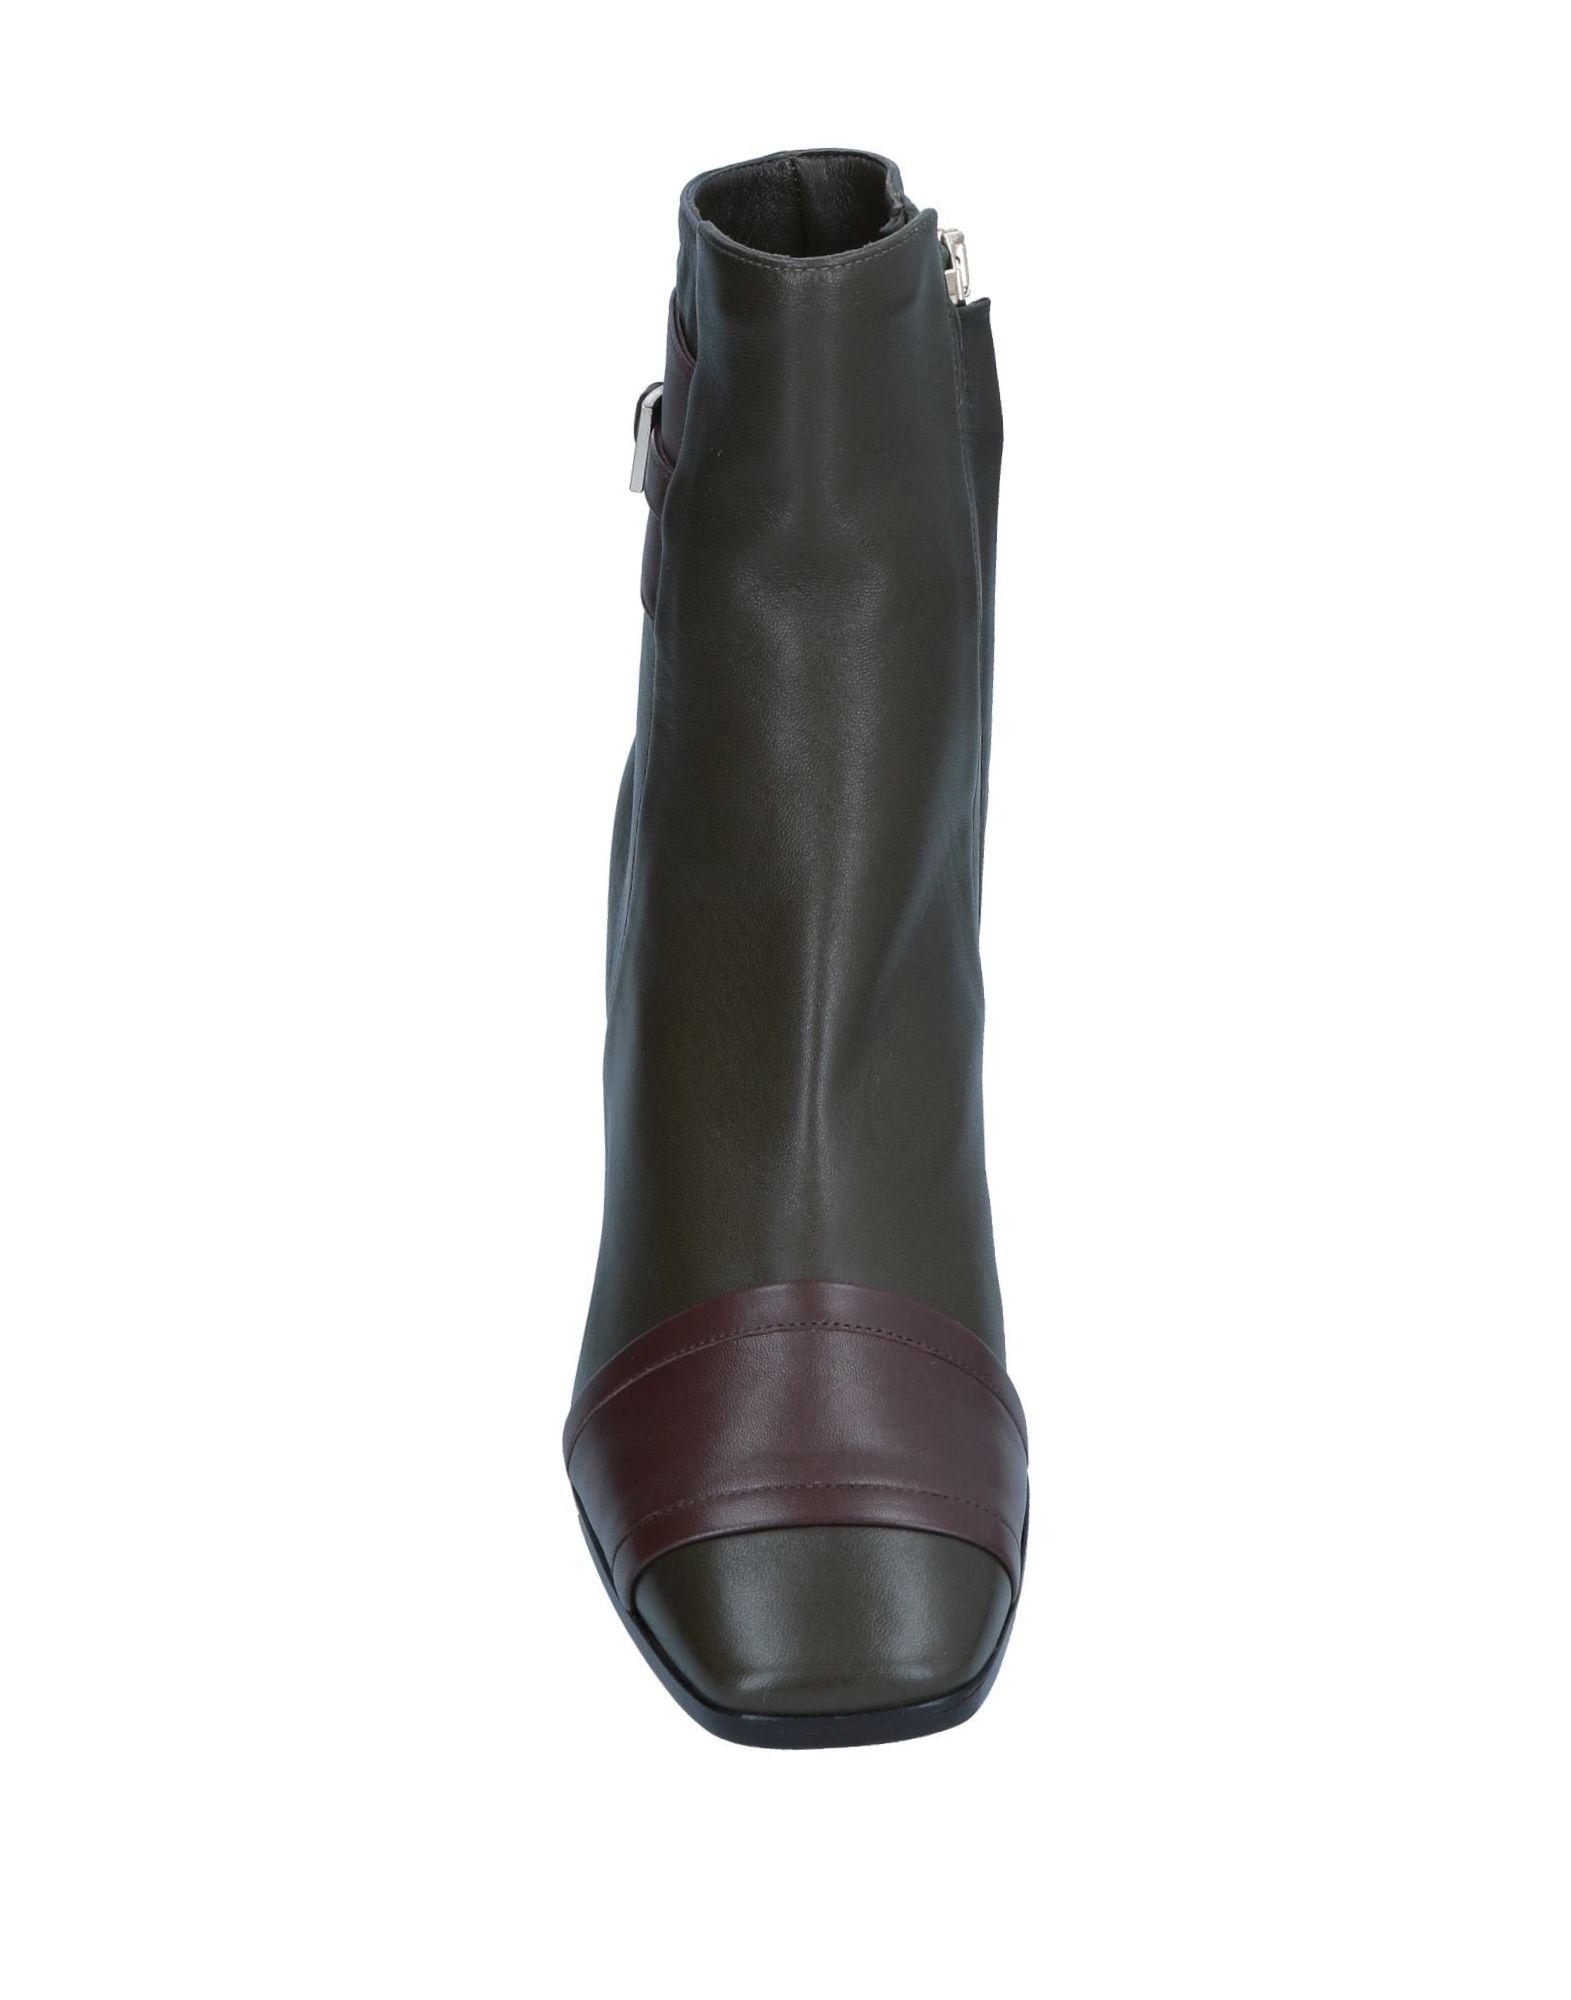 Rodo Stiefelette aussehende Damen  11542813OLGünstige gut aussehende Stiefelette Schuhe a4187a